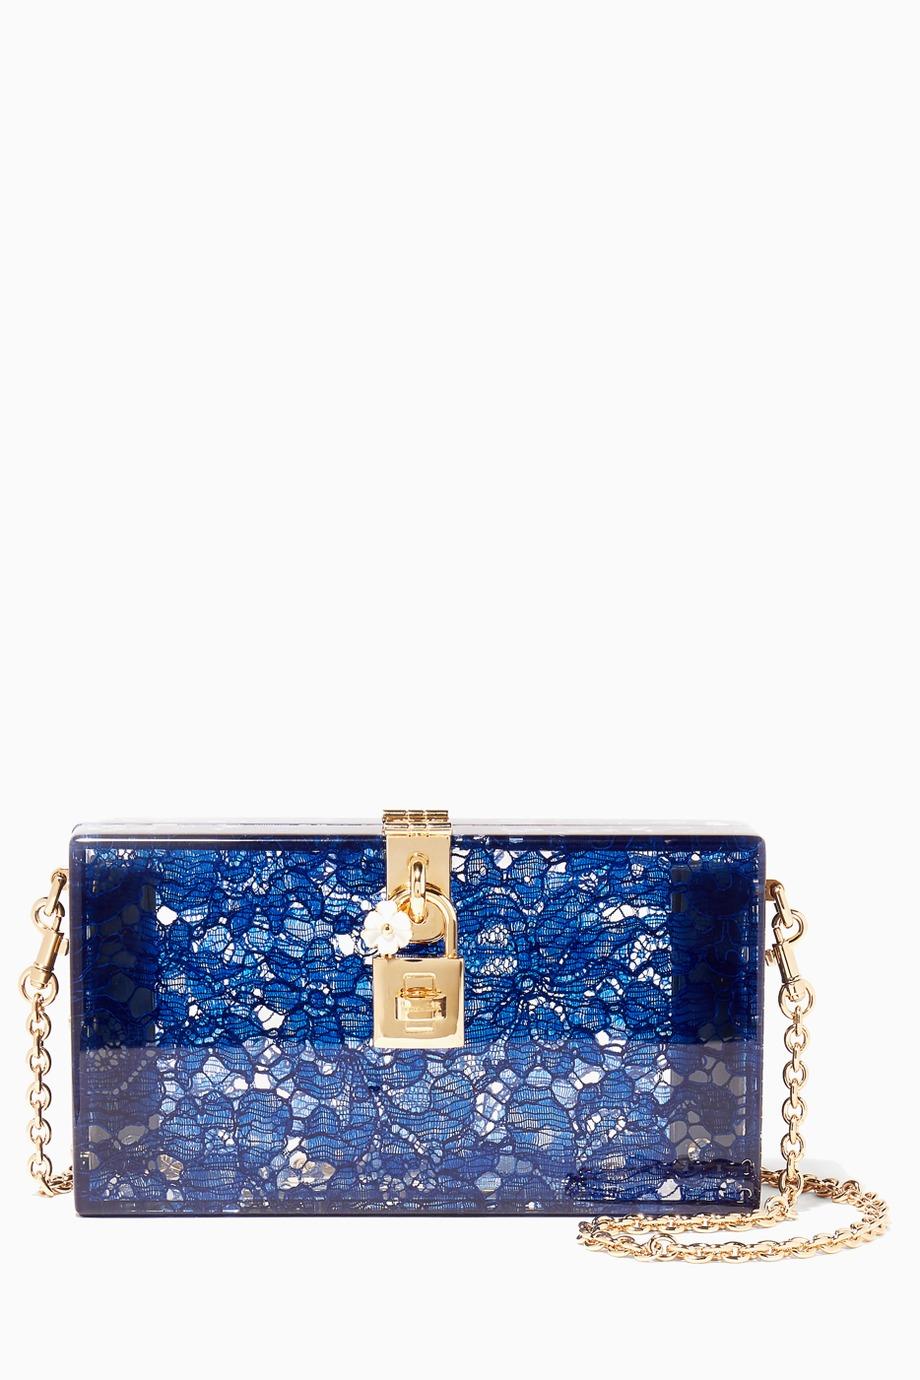 - حقيبة كلاتش ملونة من دولتشي اند غابانا Dolce & Gabbana موضة صيف 2019